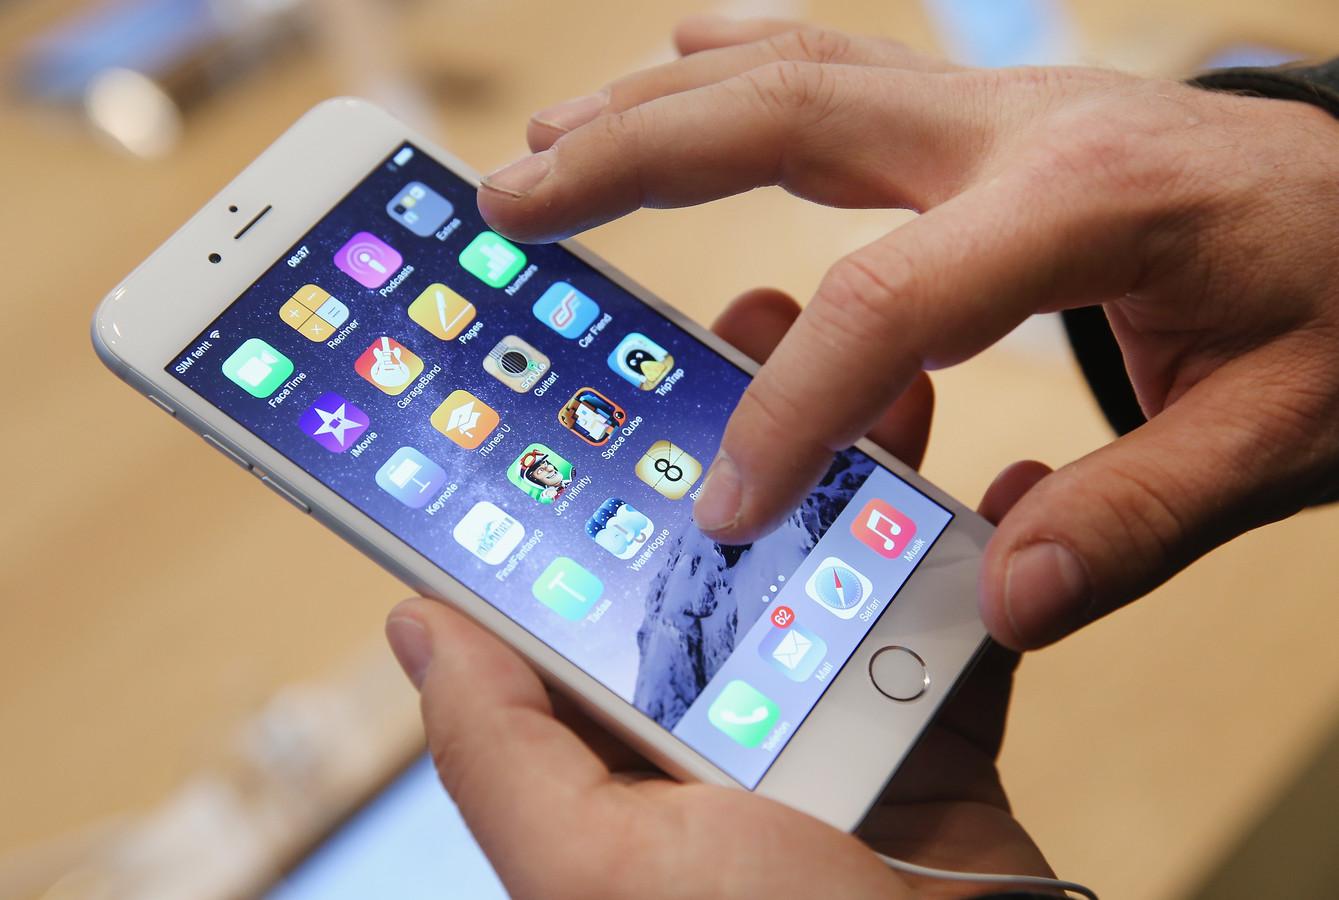 De verkoop van Apple's iPhone heeft bepaald niet te lijden onder de invoering van de BKR-registratie voor duurdere smartphones